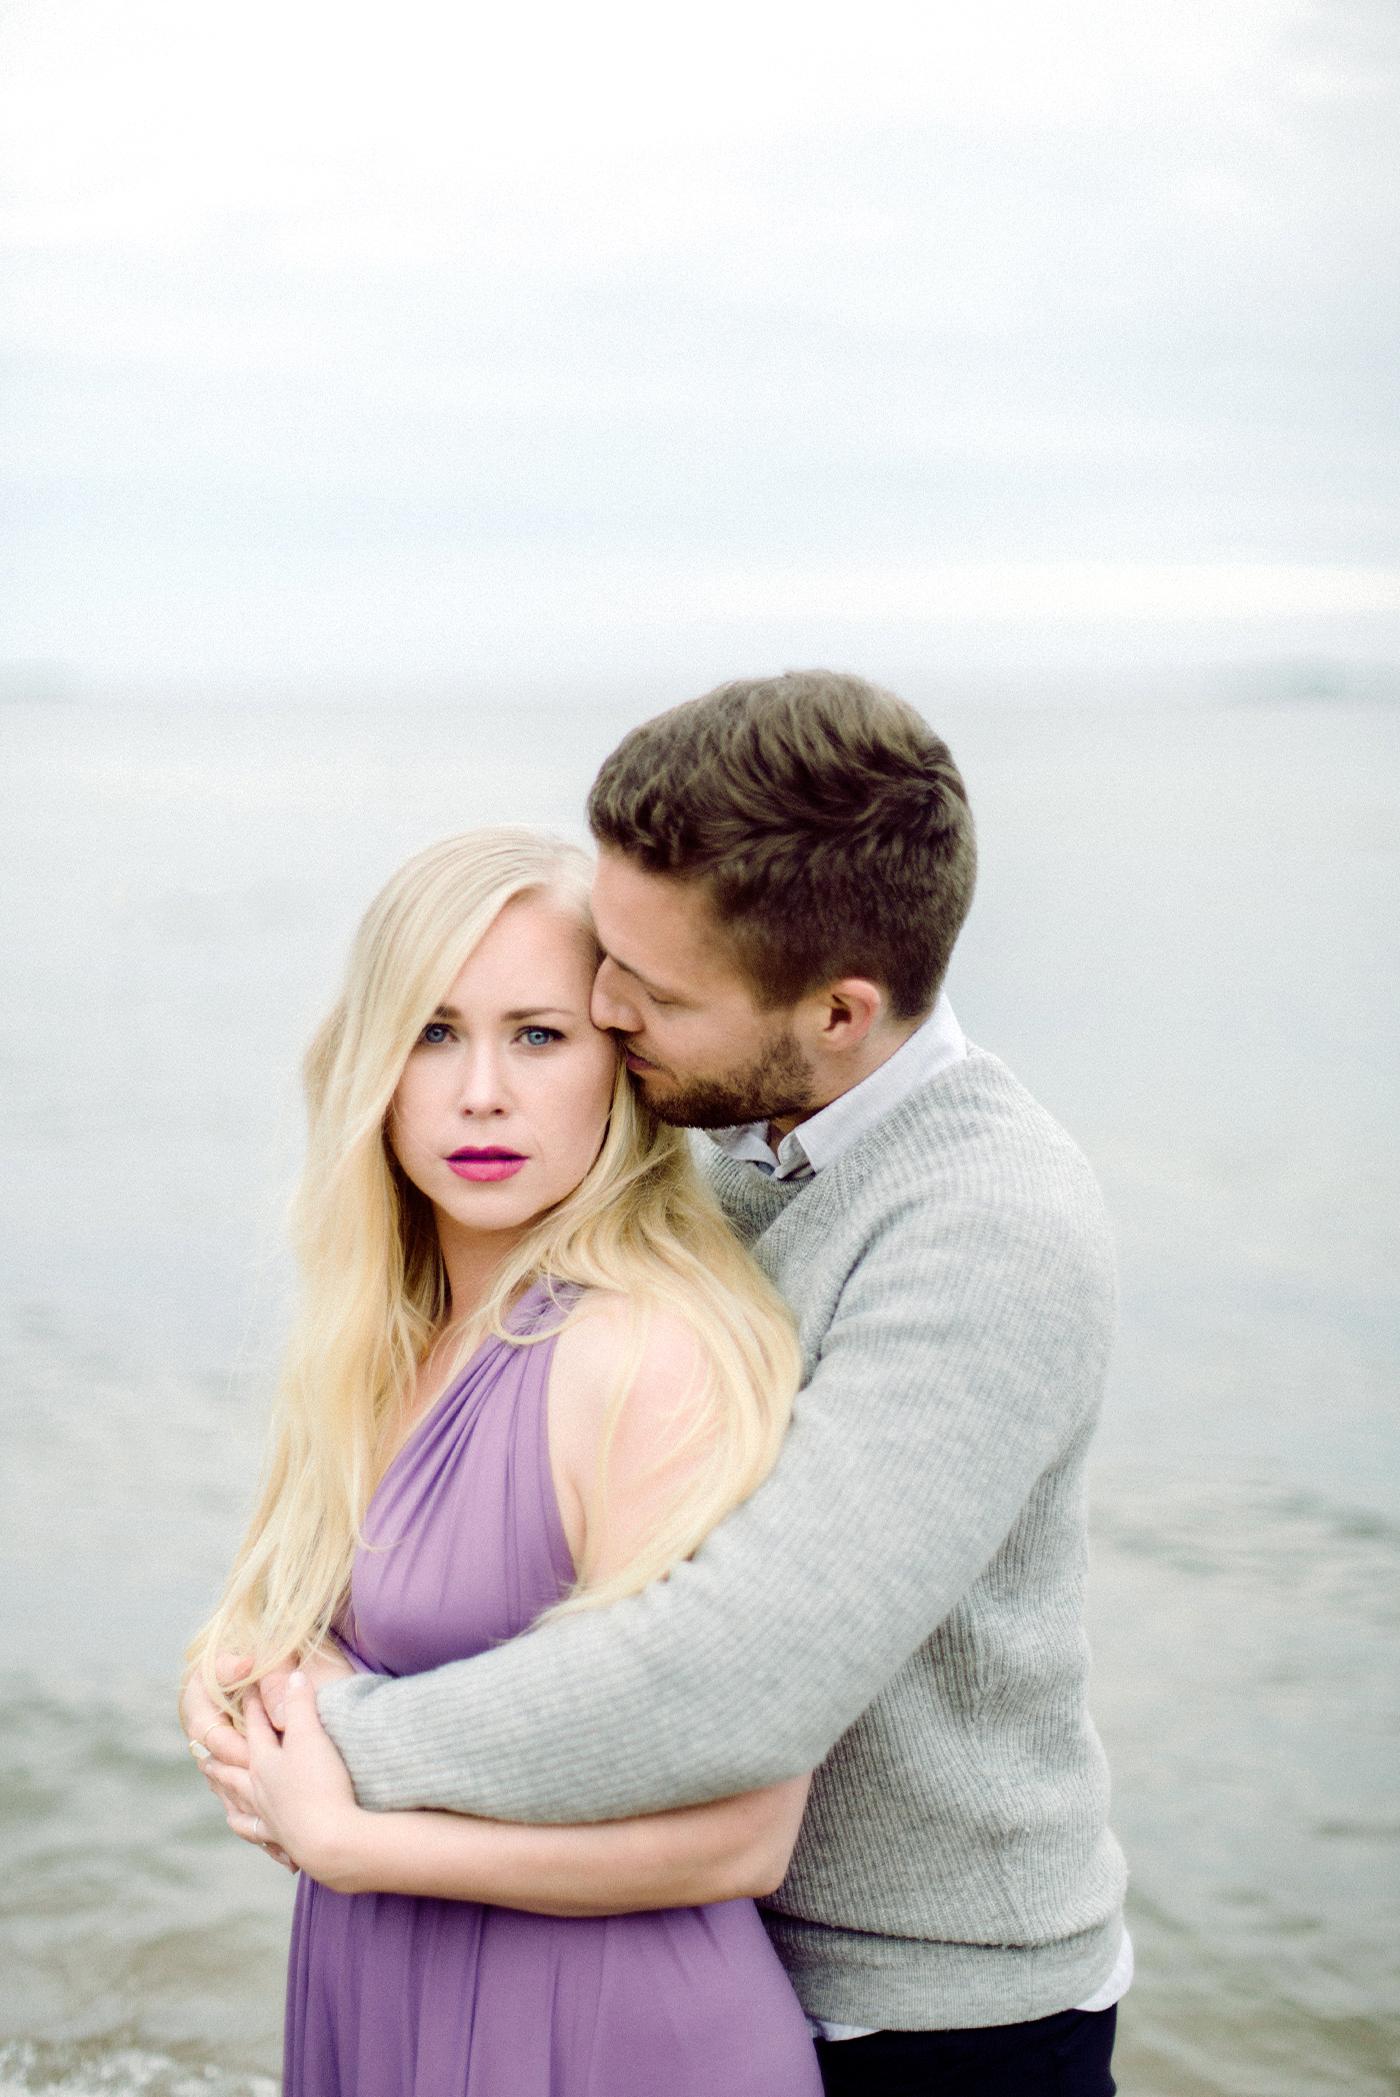 Sari & Mikko - Beach Engagement Couple Shoot in Hanko kihlakuvaus parikuvaus - Susanna Nordvall - Hey Look (14).jpg